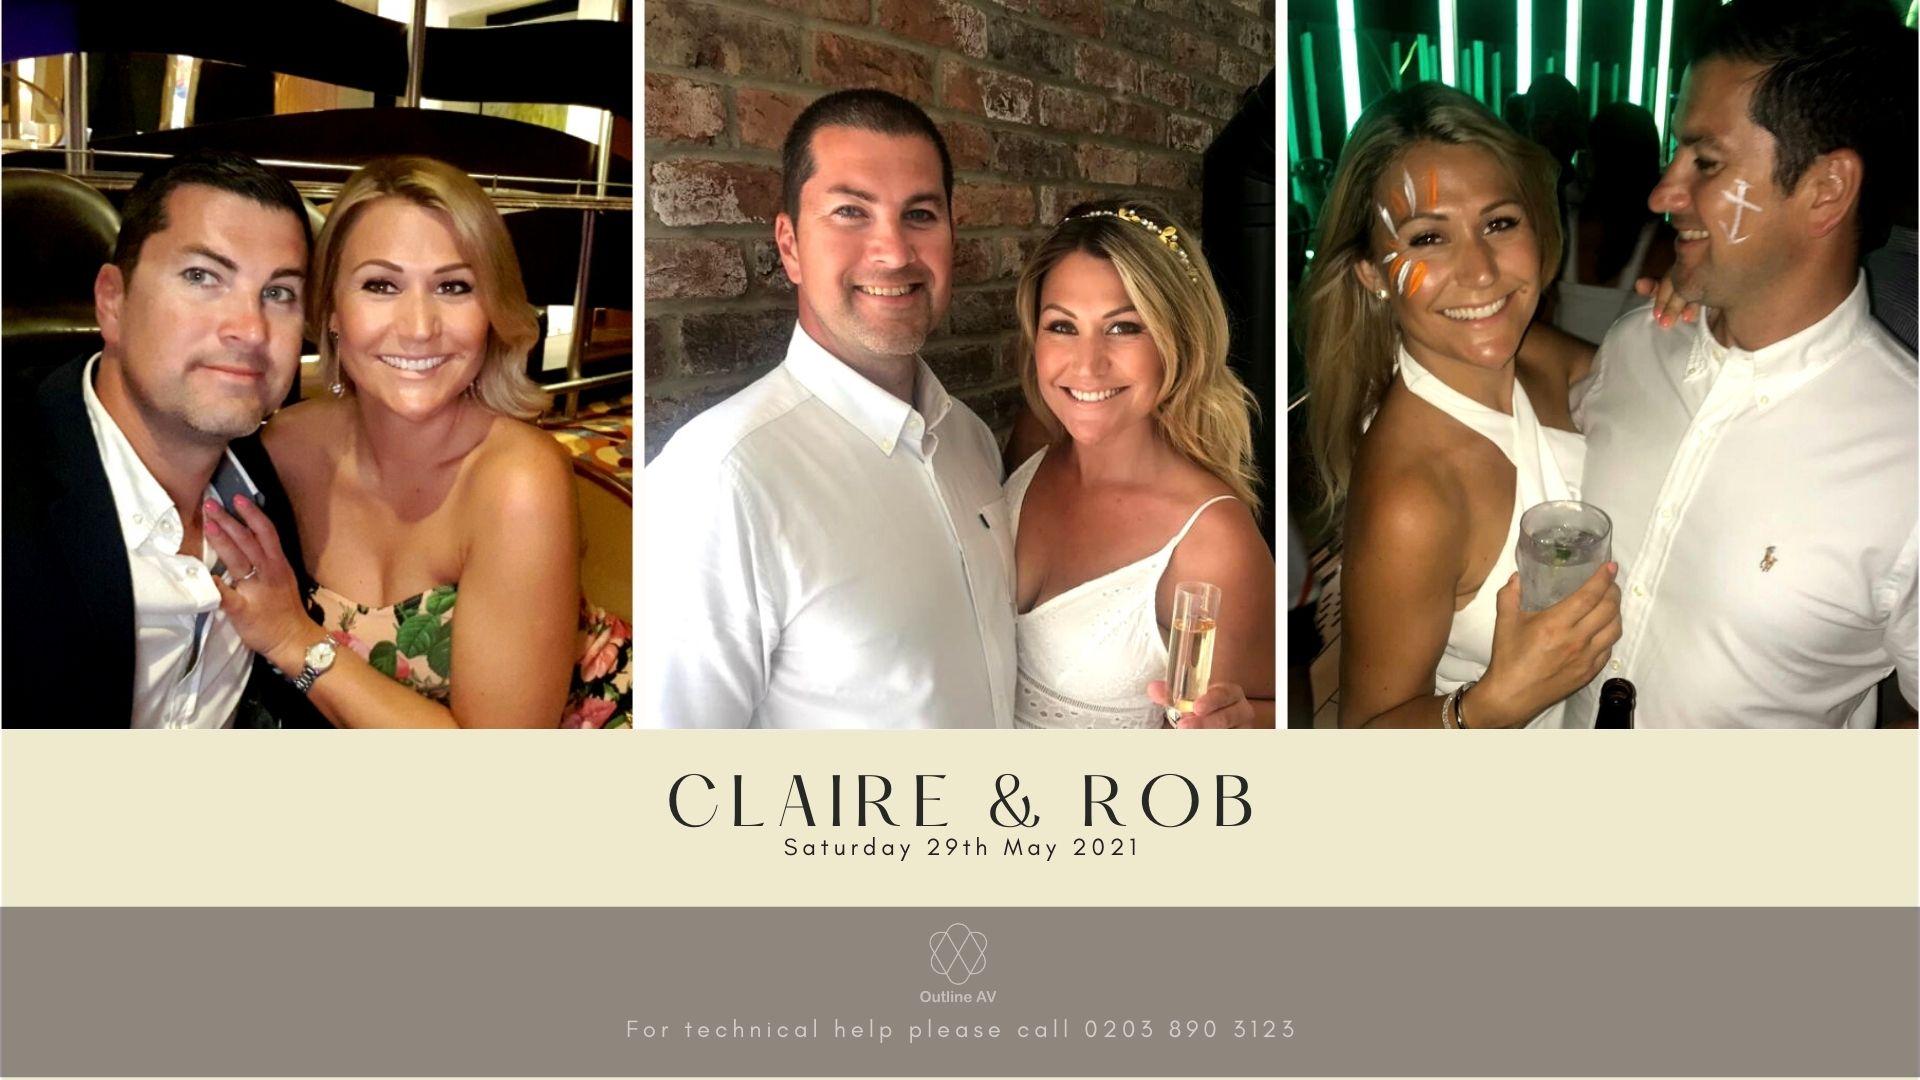 Claire & Rob - Live Stream